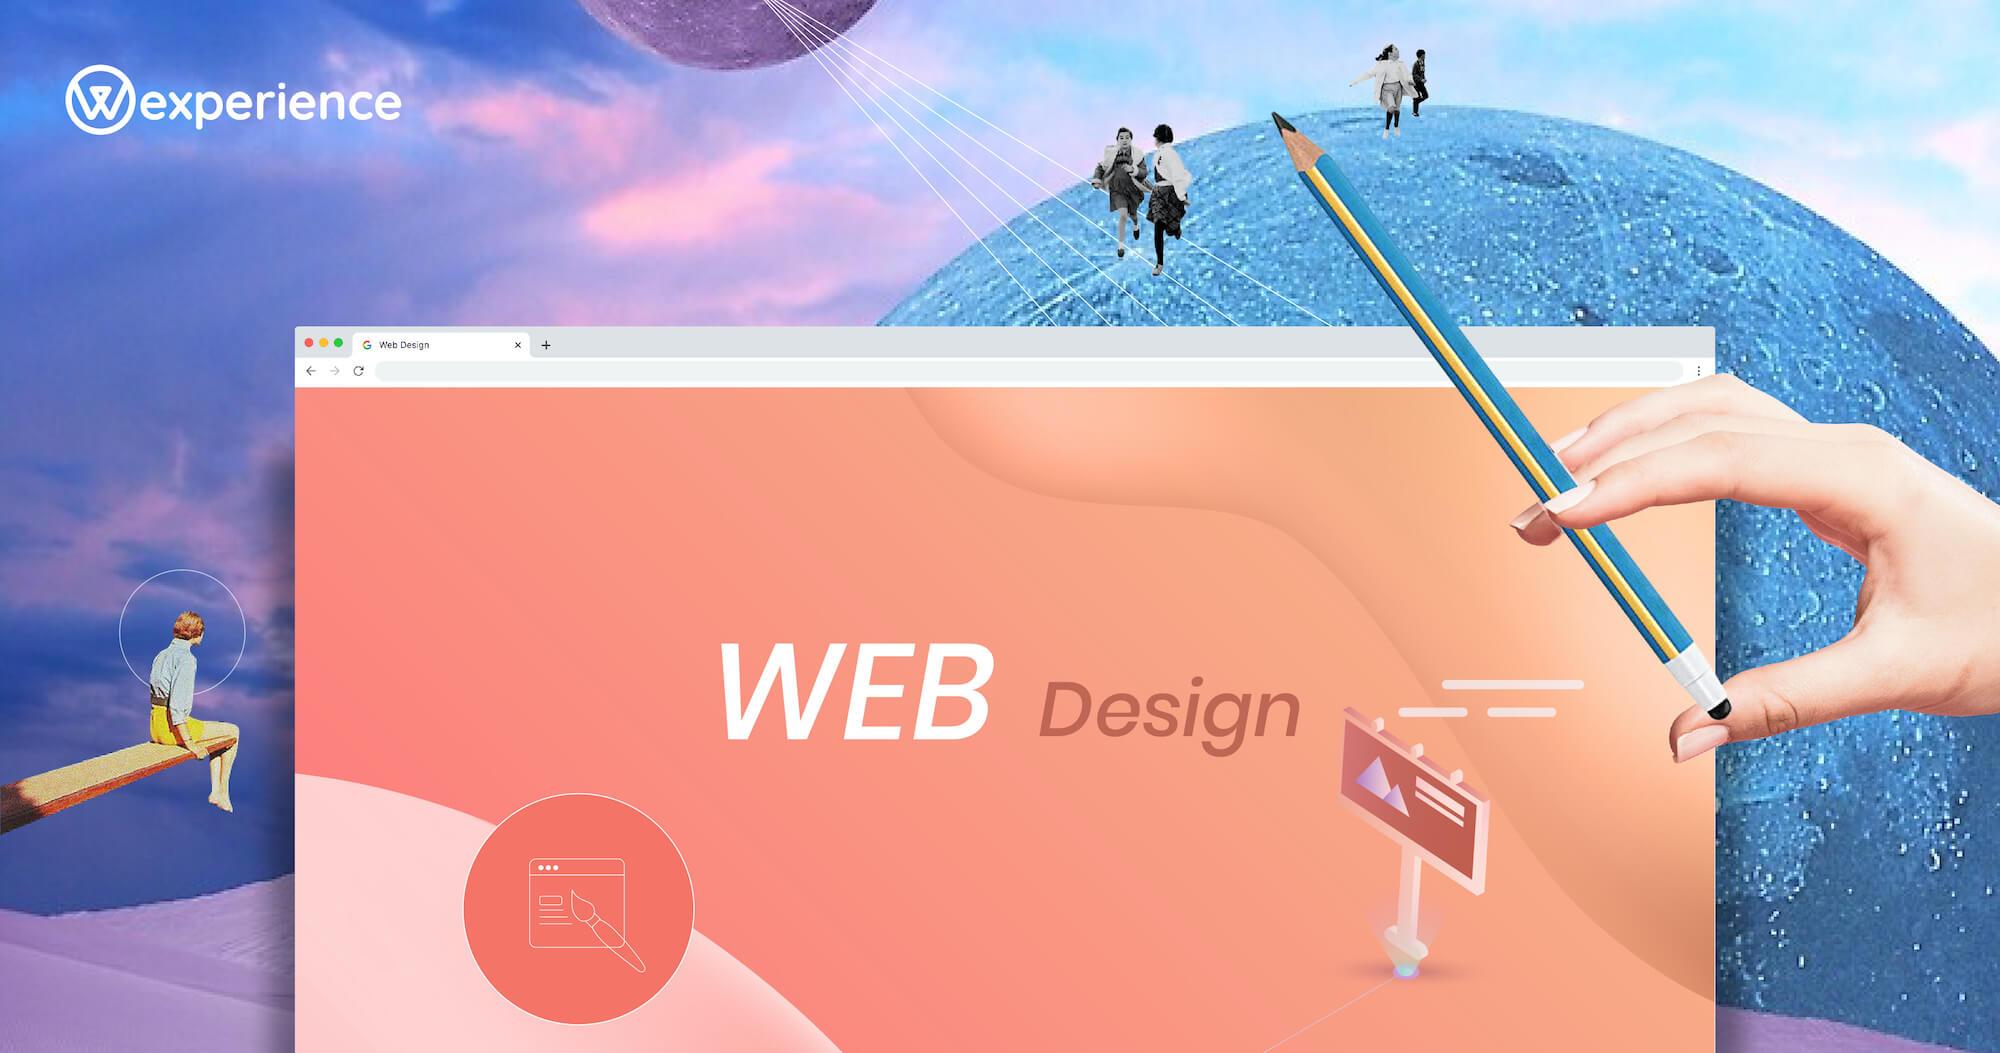 Web Design 101